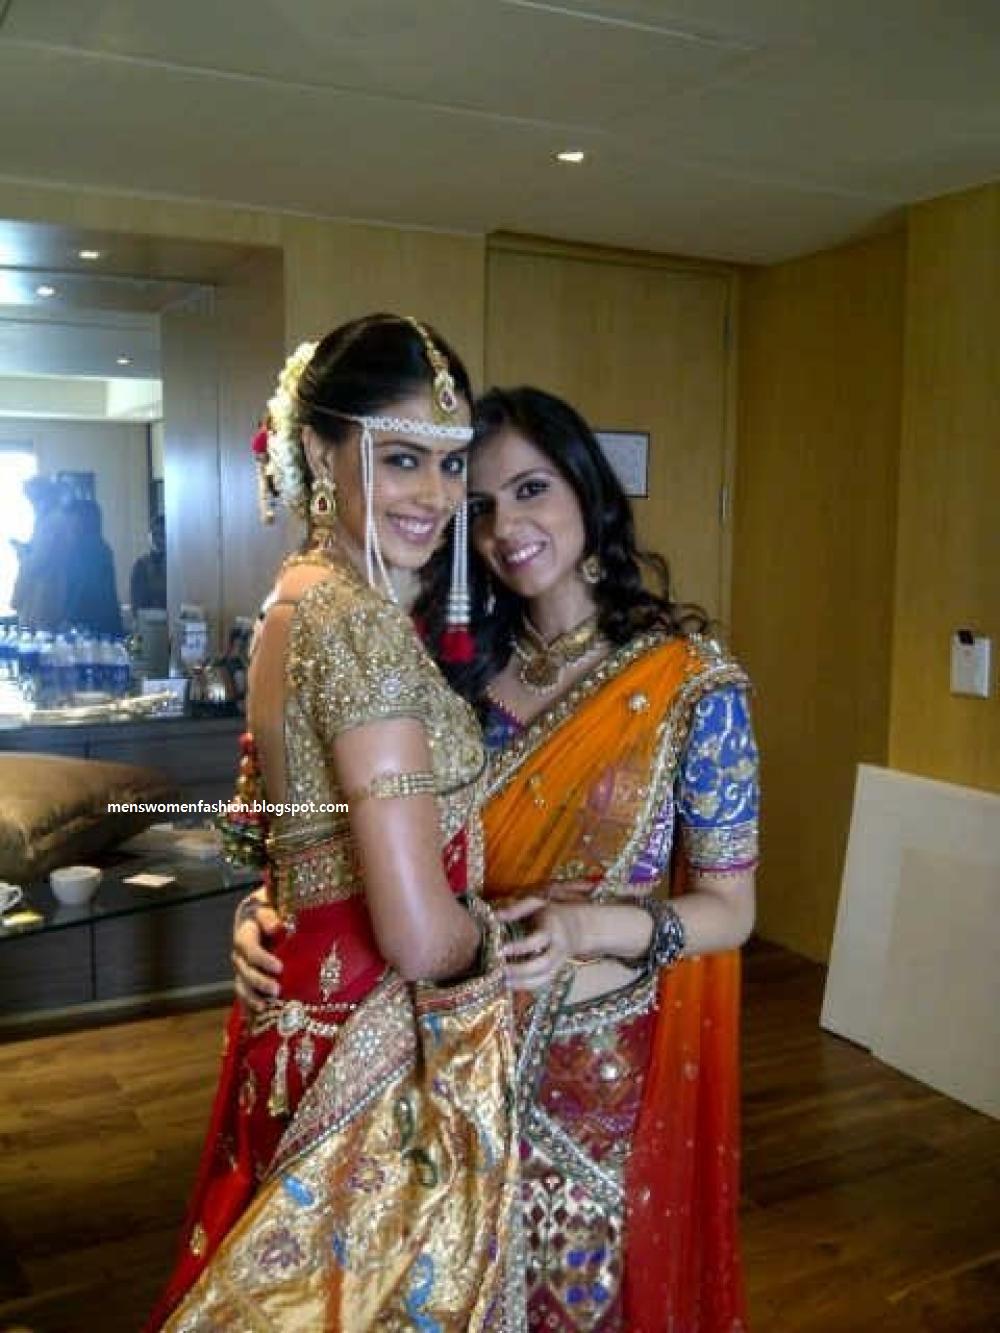 marathi brides in bangalore dating